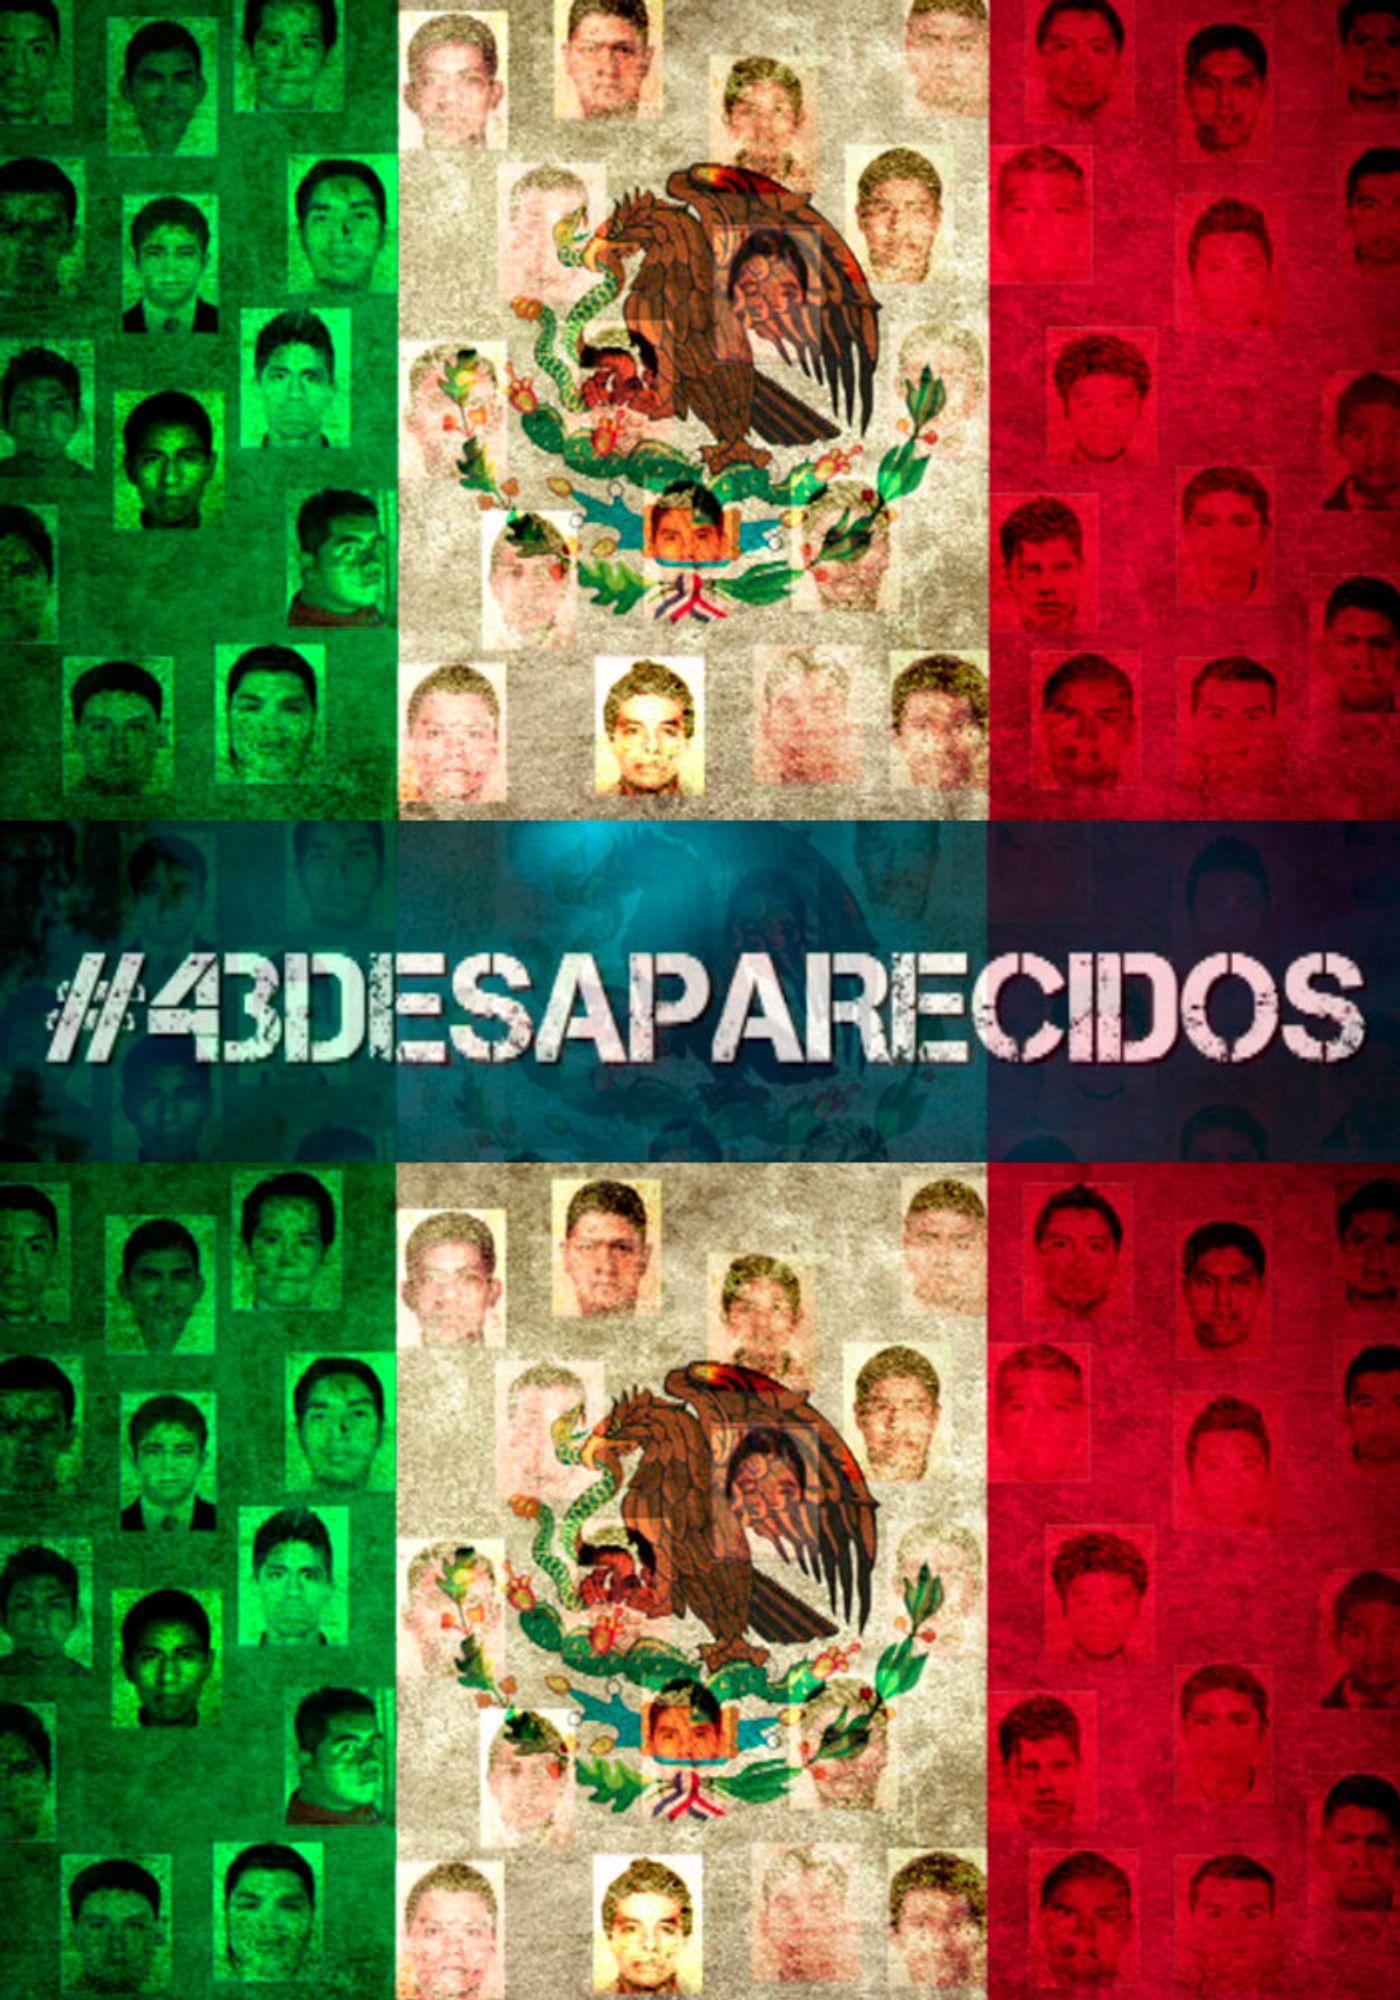 #43Desaparecidos